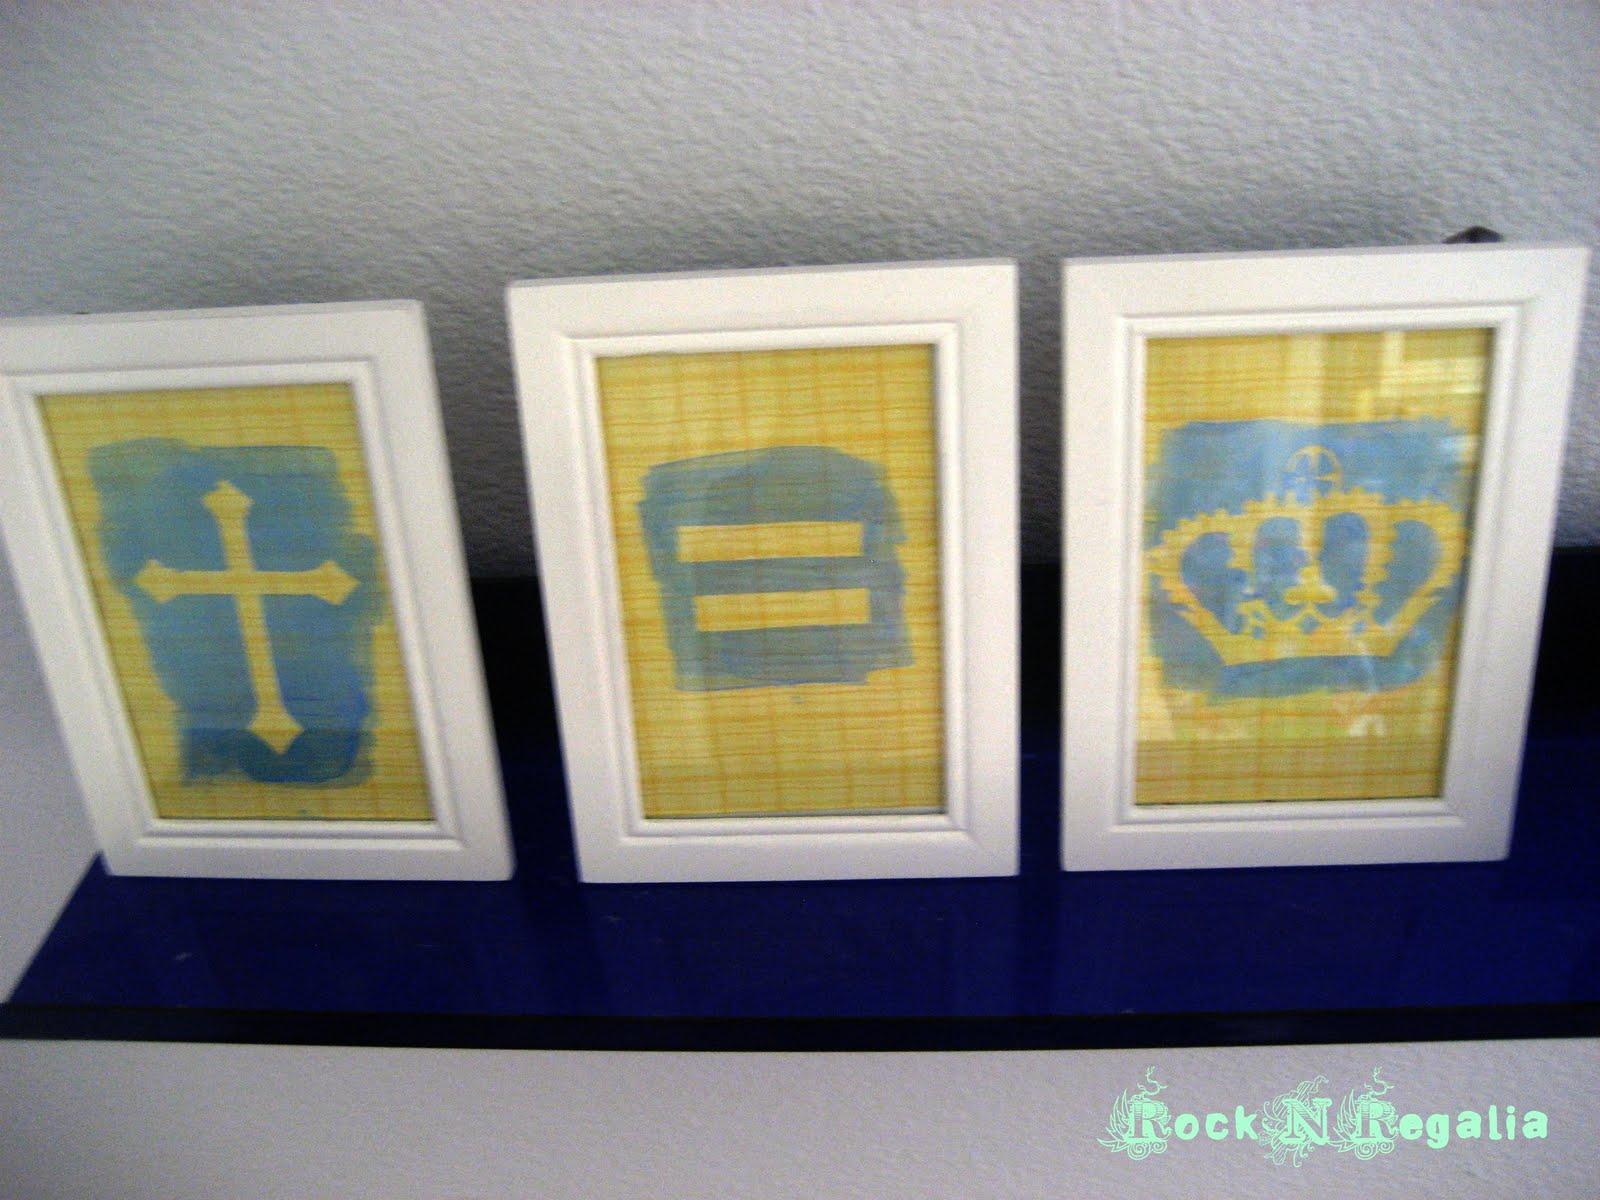 http://1.bp.blogspot.com/-seKlQi9WDq8/TZ5ibhos3qI/AAAAAAAAAzk/kDTboRqkHxo/s1600/Christ+is+King.jpg